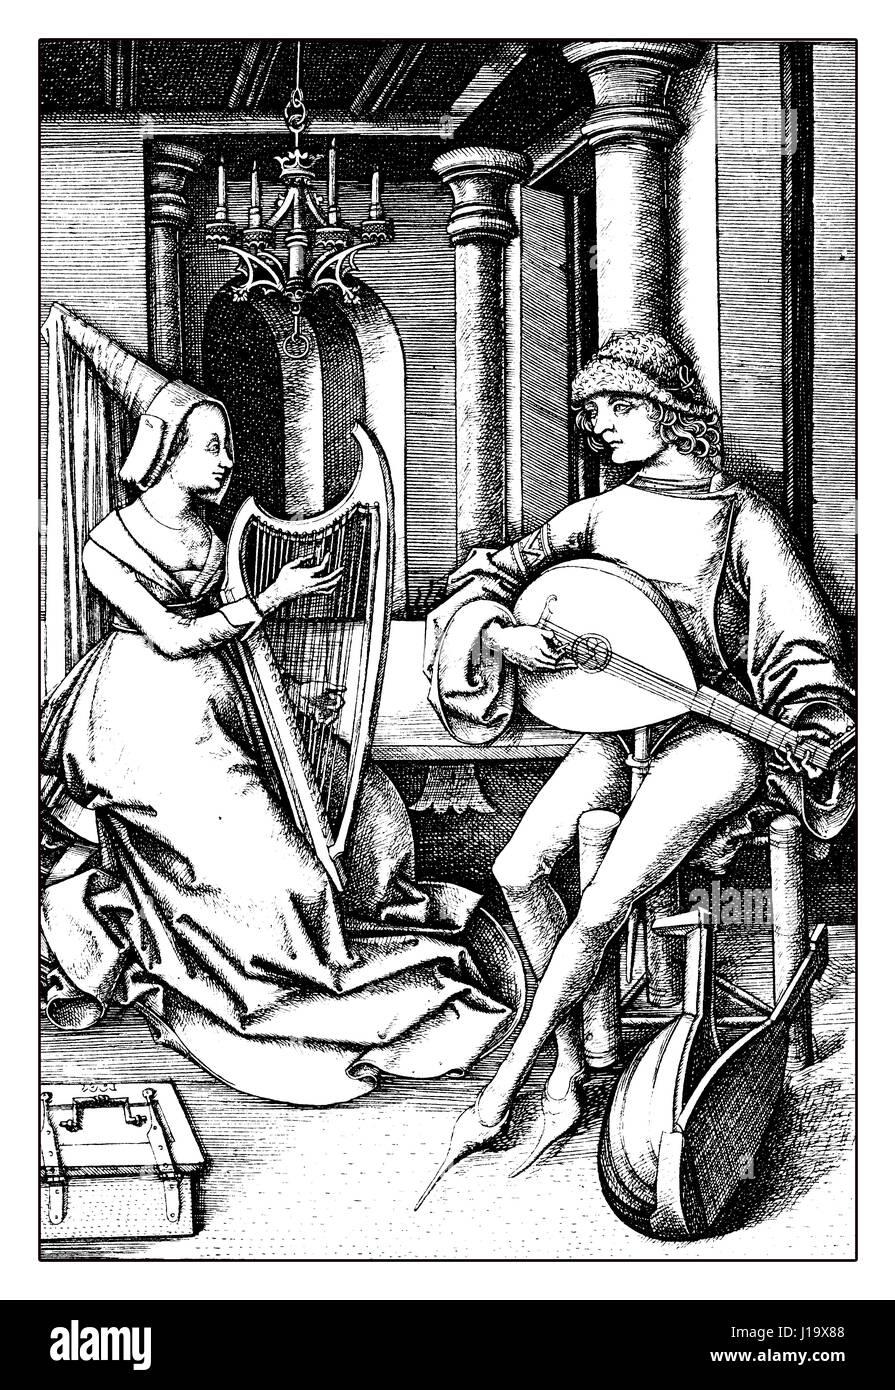 Musik zu Hause, XV Jahrhundert Lifestyle und Freizeit Stockbild